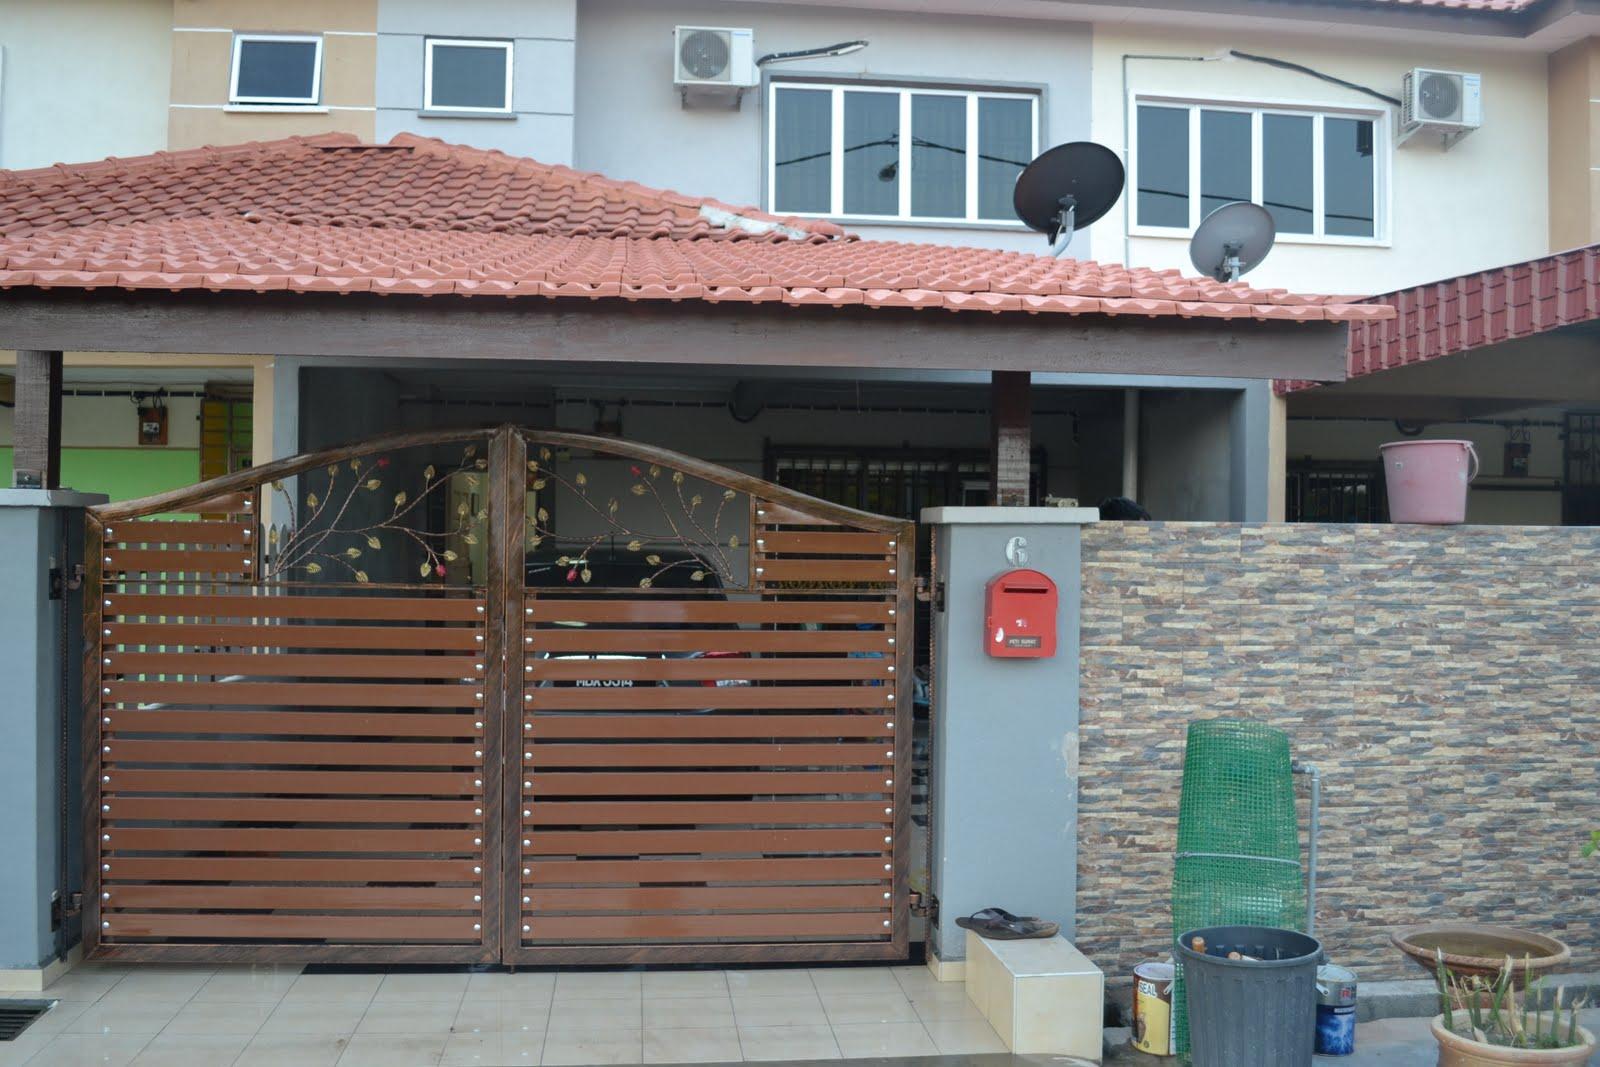 ni bahagian depan rumah dari luar... senang cakap sume design tiles pagar and tembok umah mr.joe yang buat and berdasarkan faktor2 dan ciri keselamatan ... & hAiSHaIc@T ::: 70% - 85%